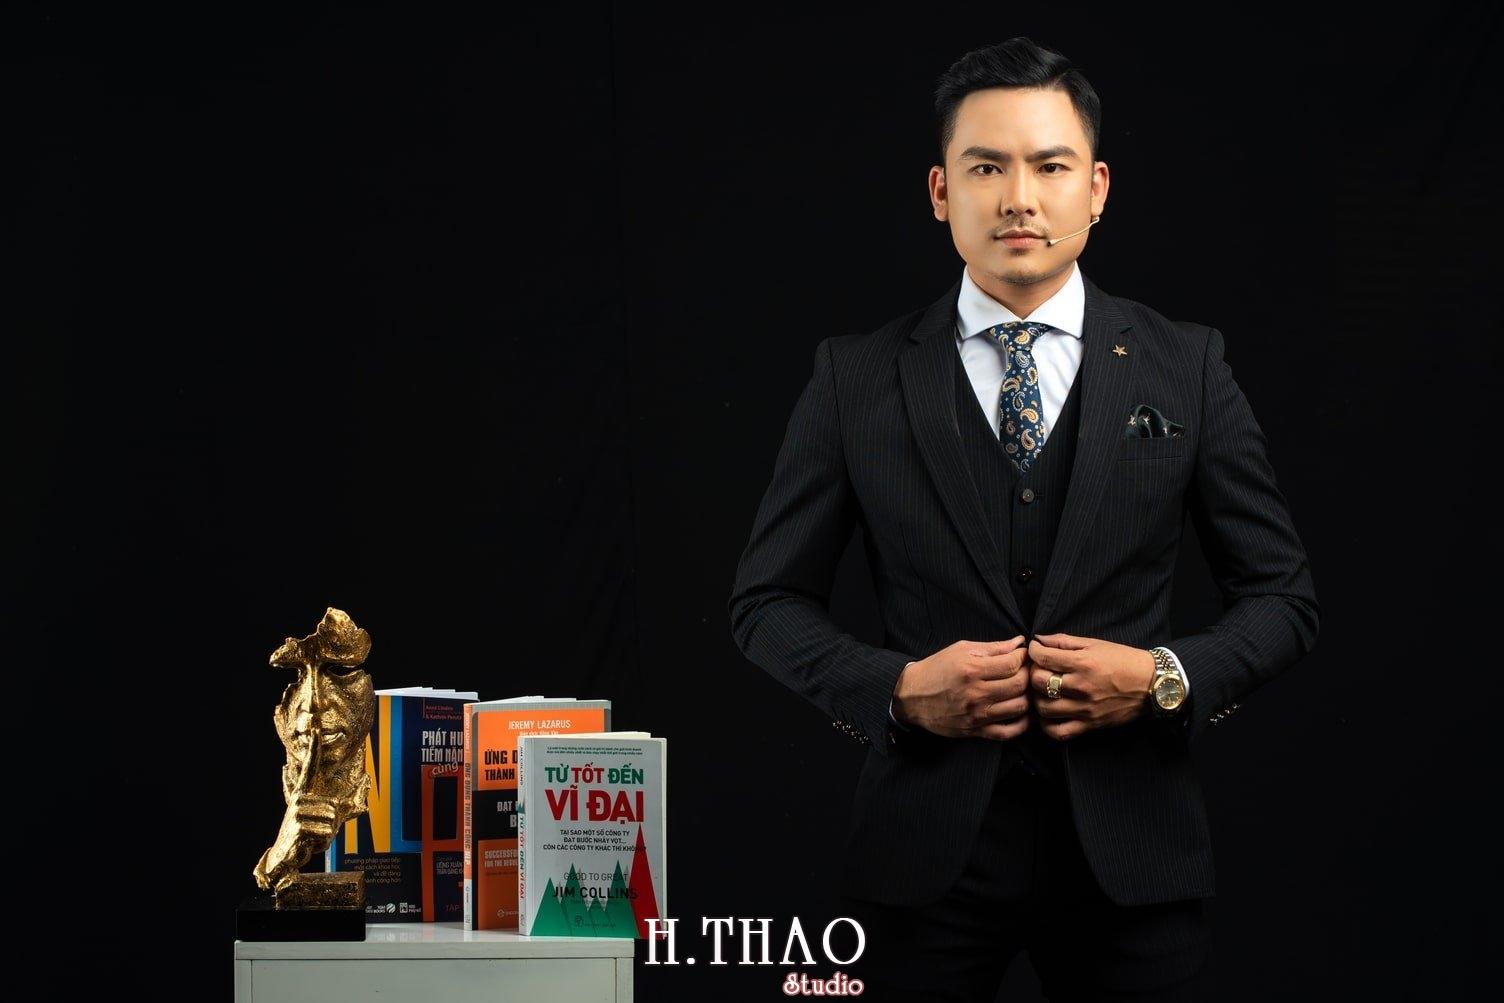 Anh Doanh nhan 34 1 - Ảnh doanh nhân, CEO & Founder PFT Academy Mr.Tuan Anh – HThao Studio